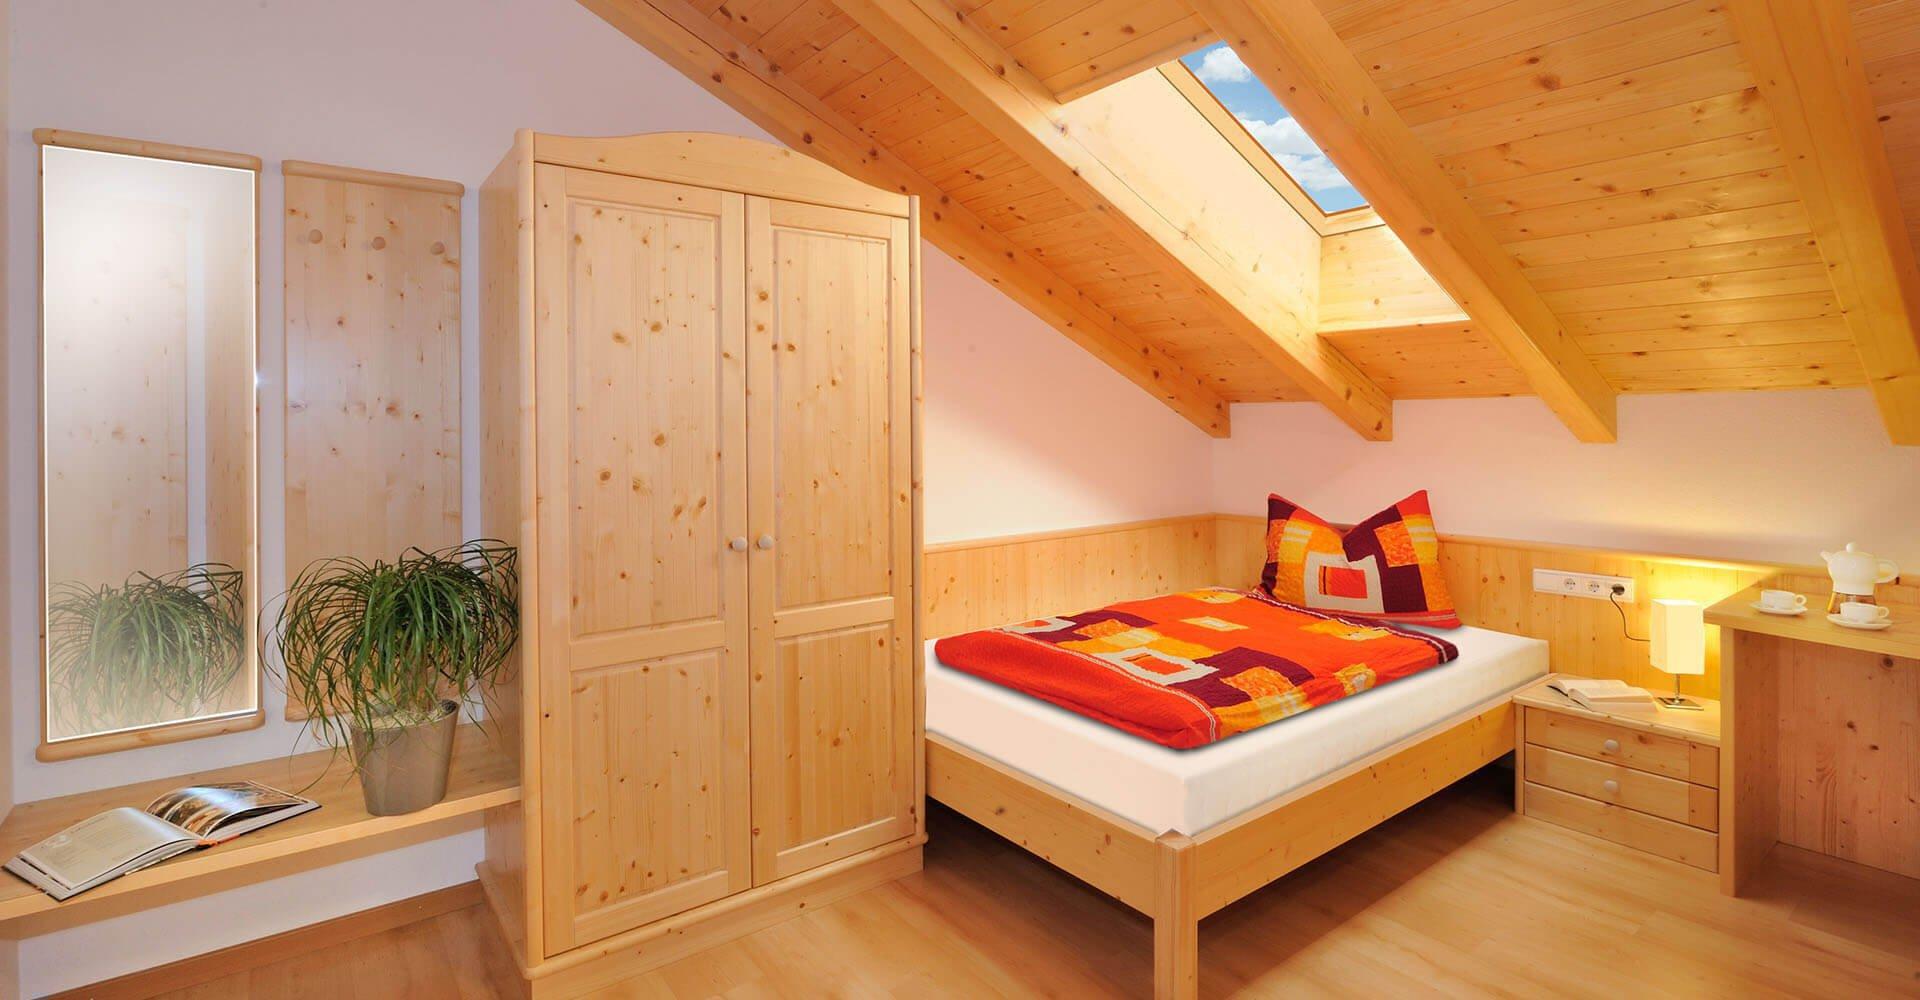 Geräumige Ferienwohnungen auf dem Bauernhof in Lüsen/Südtirol